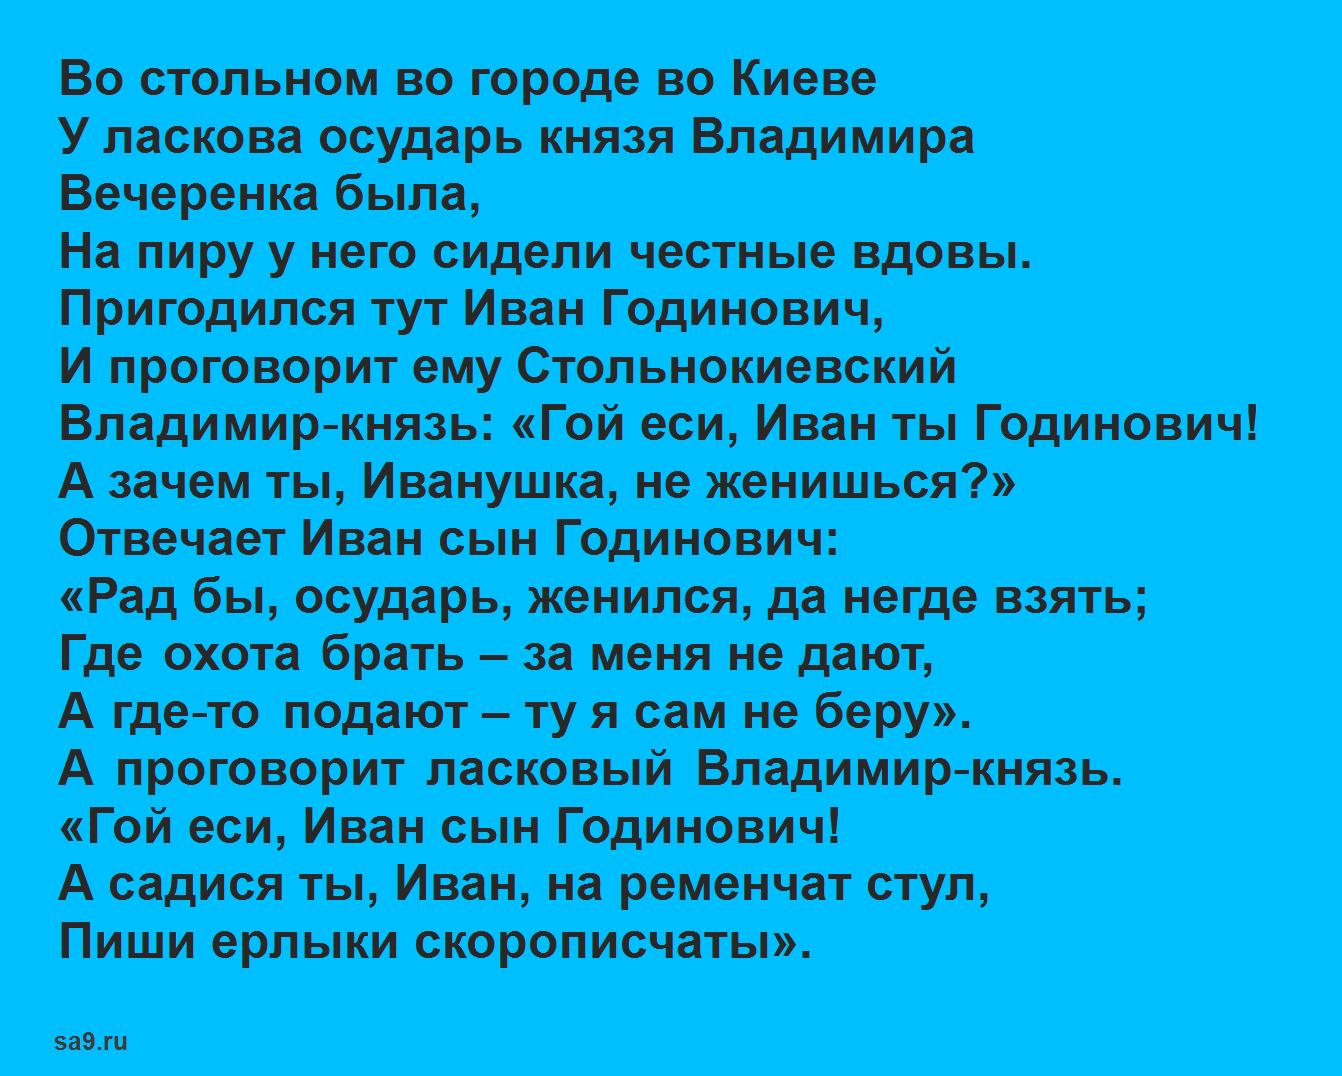 Былина - Иван Годинович